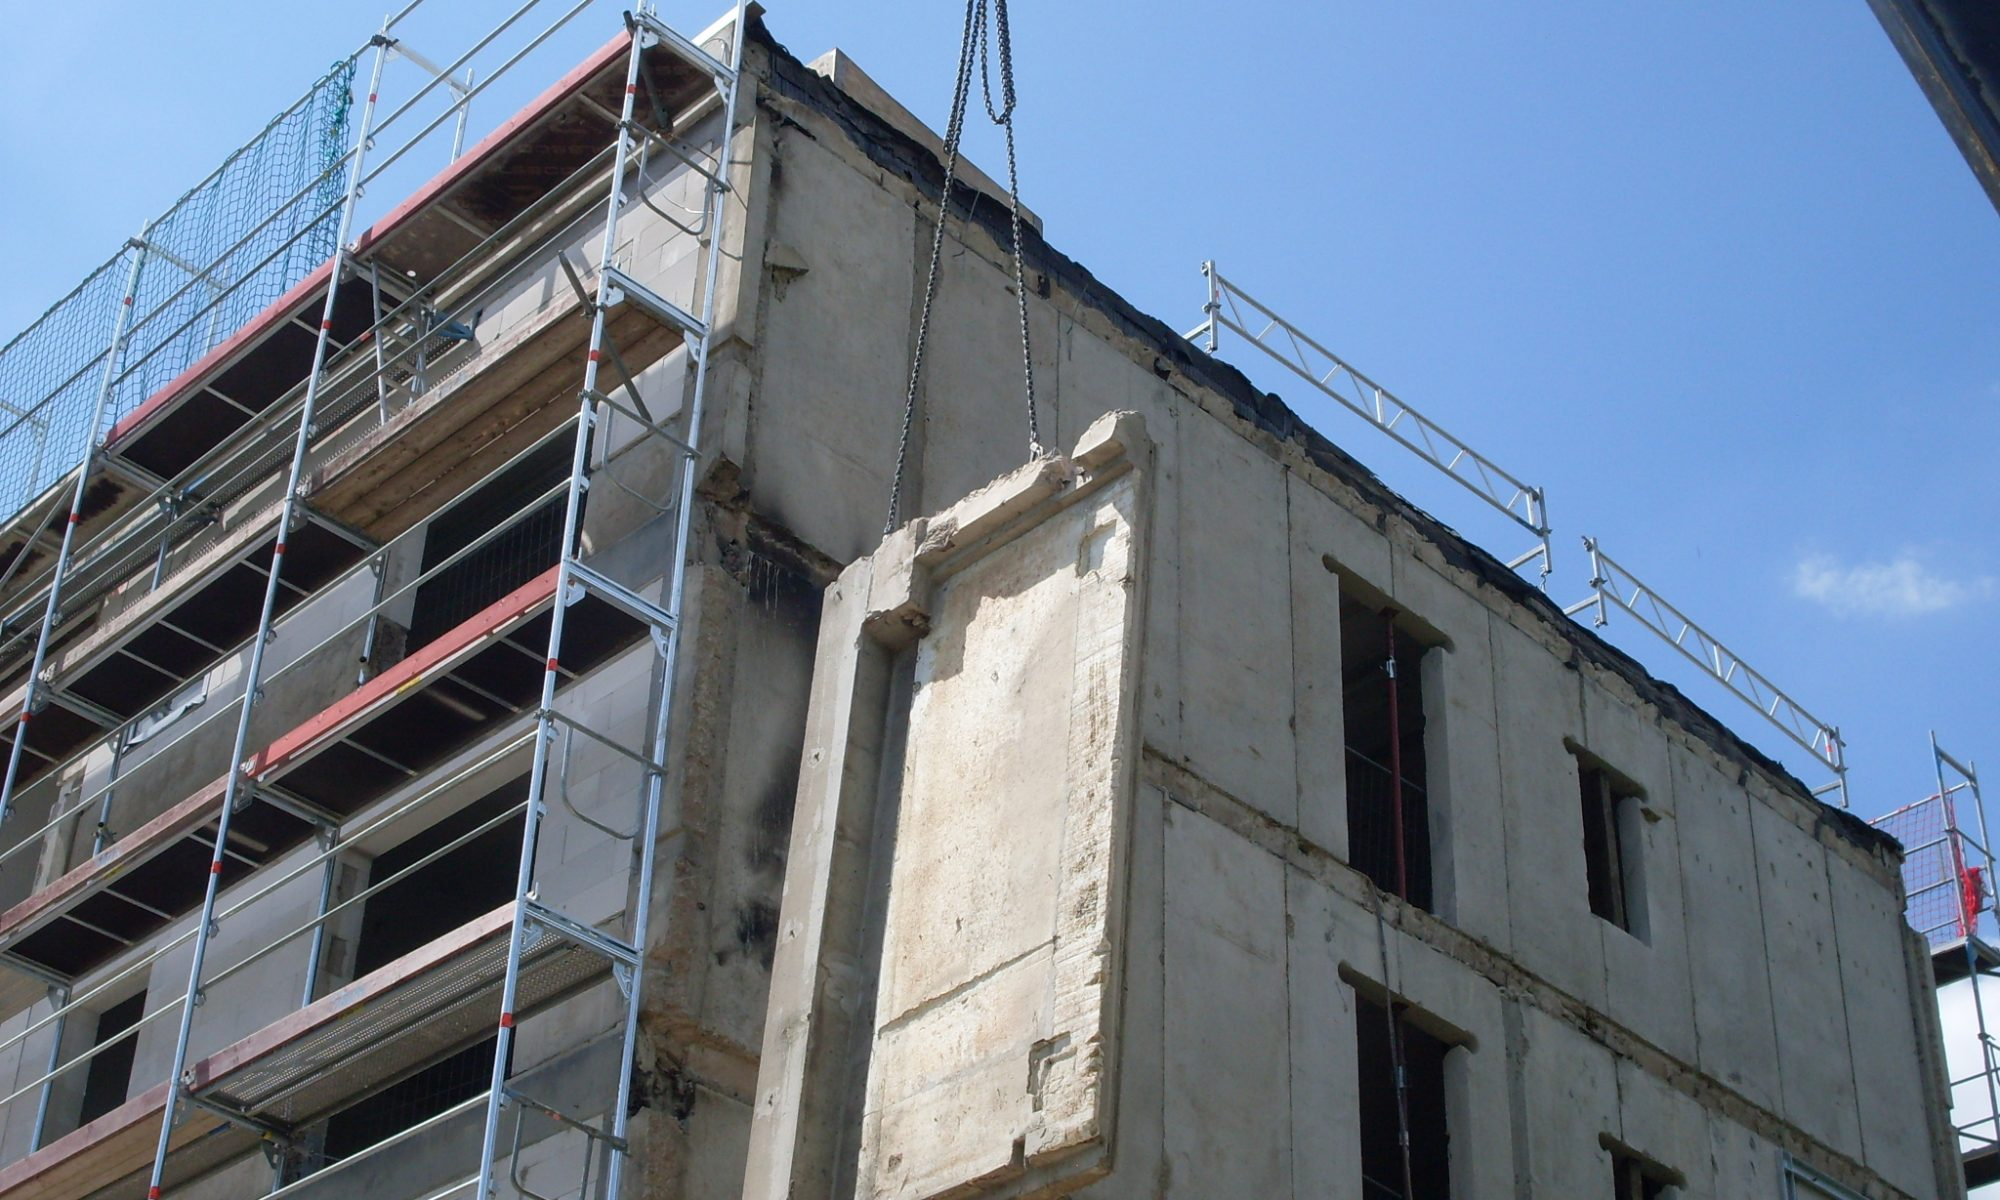 Die Wettetschale aus Beton von einer Plattenbauschule hängt mit Ketten am Kran